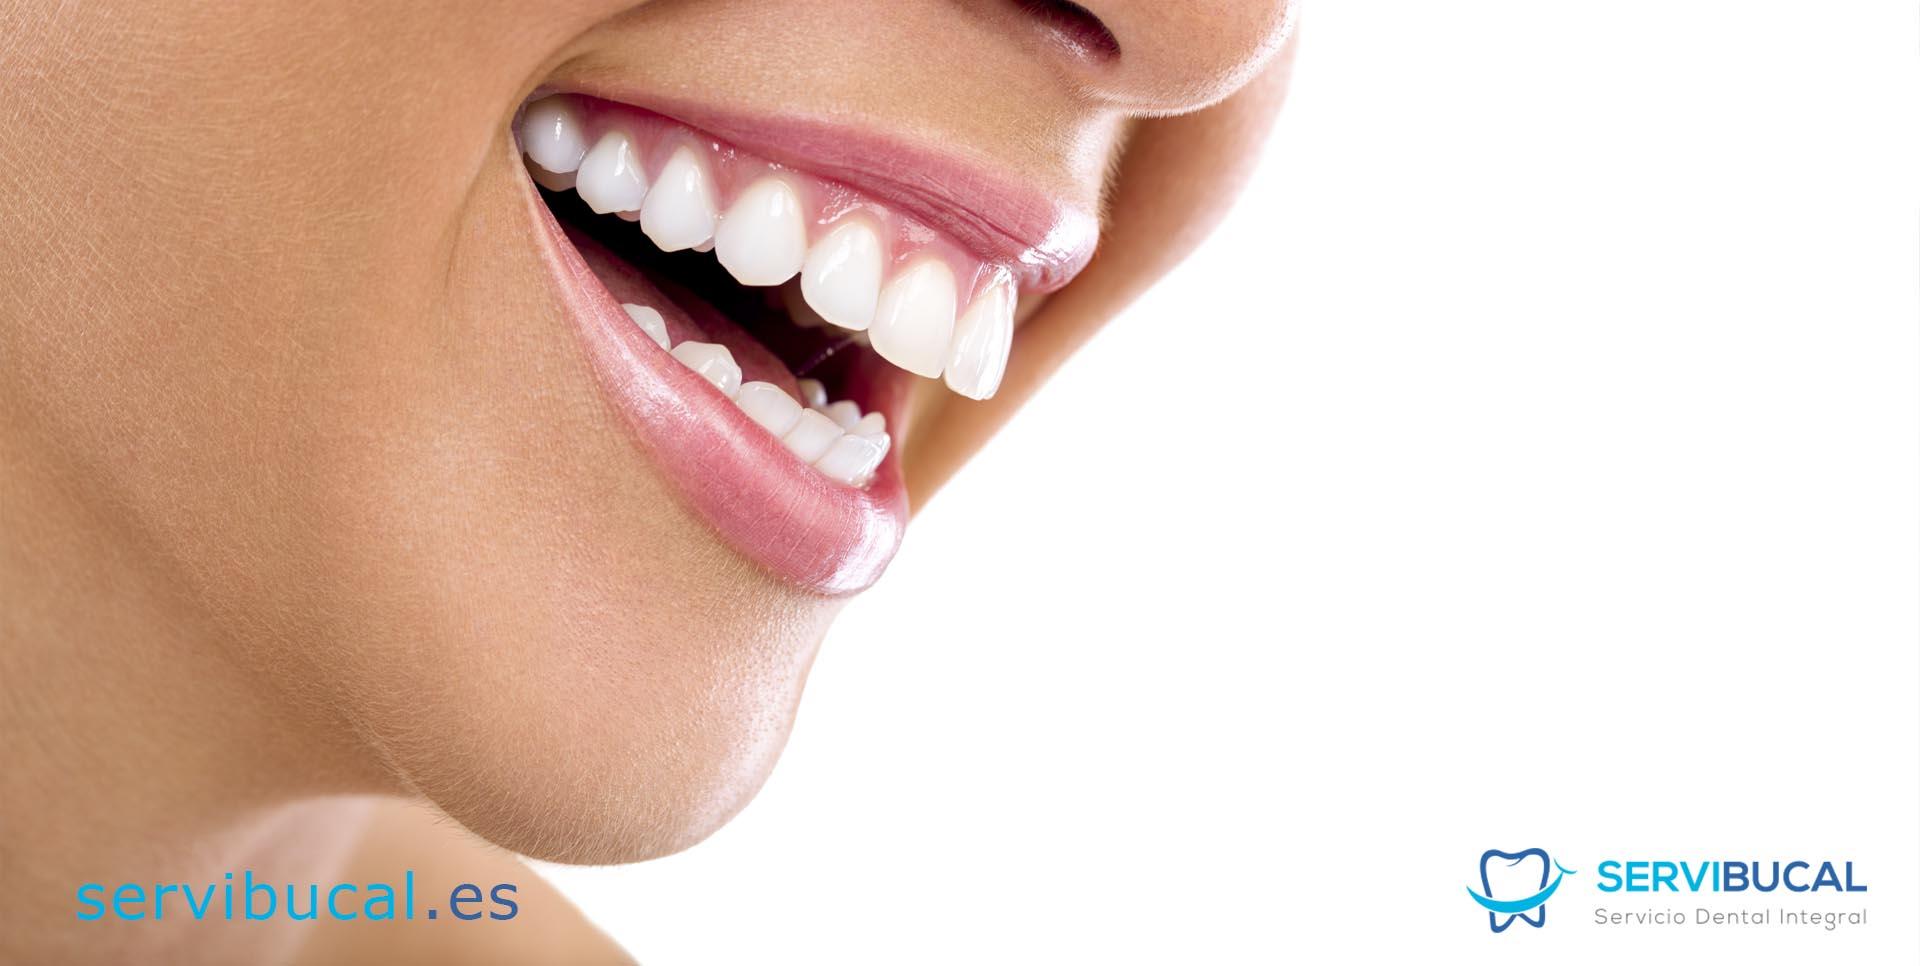 costo de un implante dental en miami